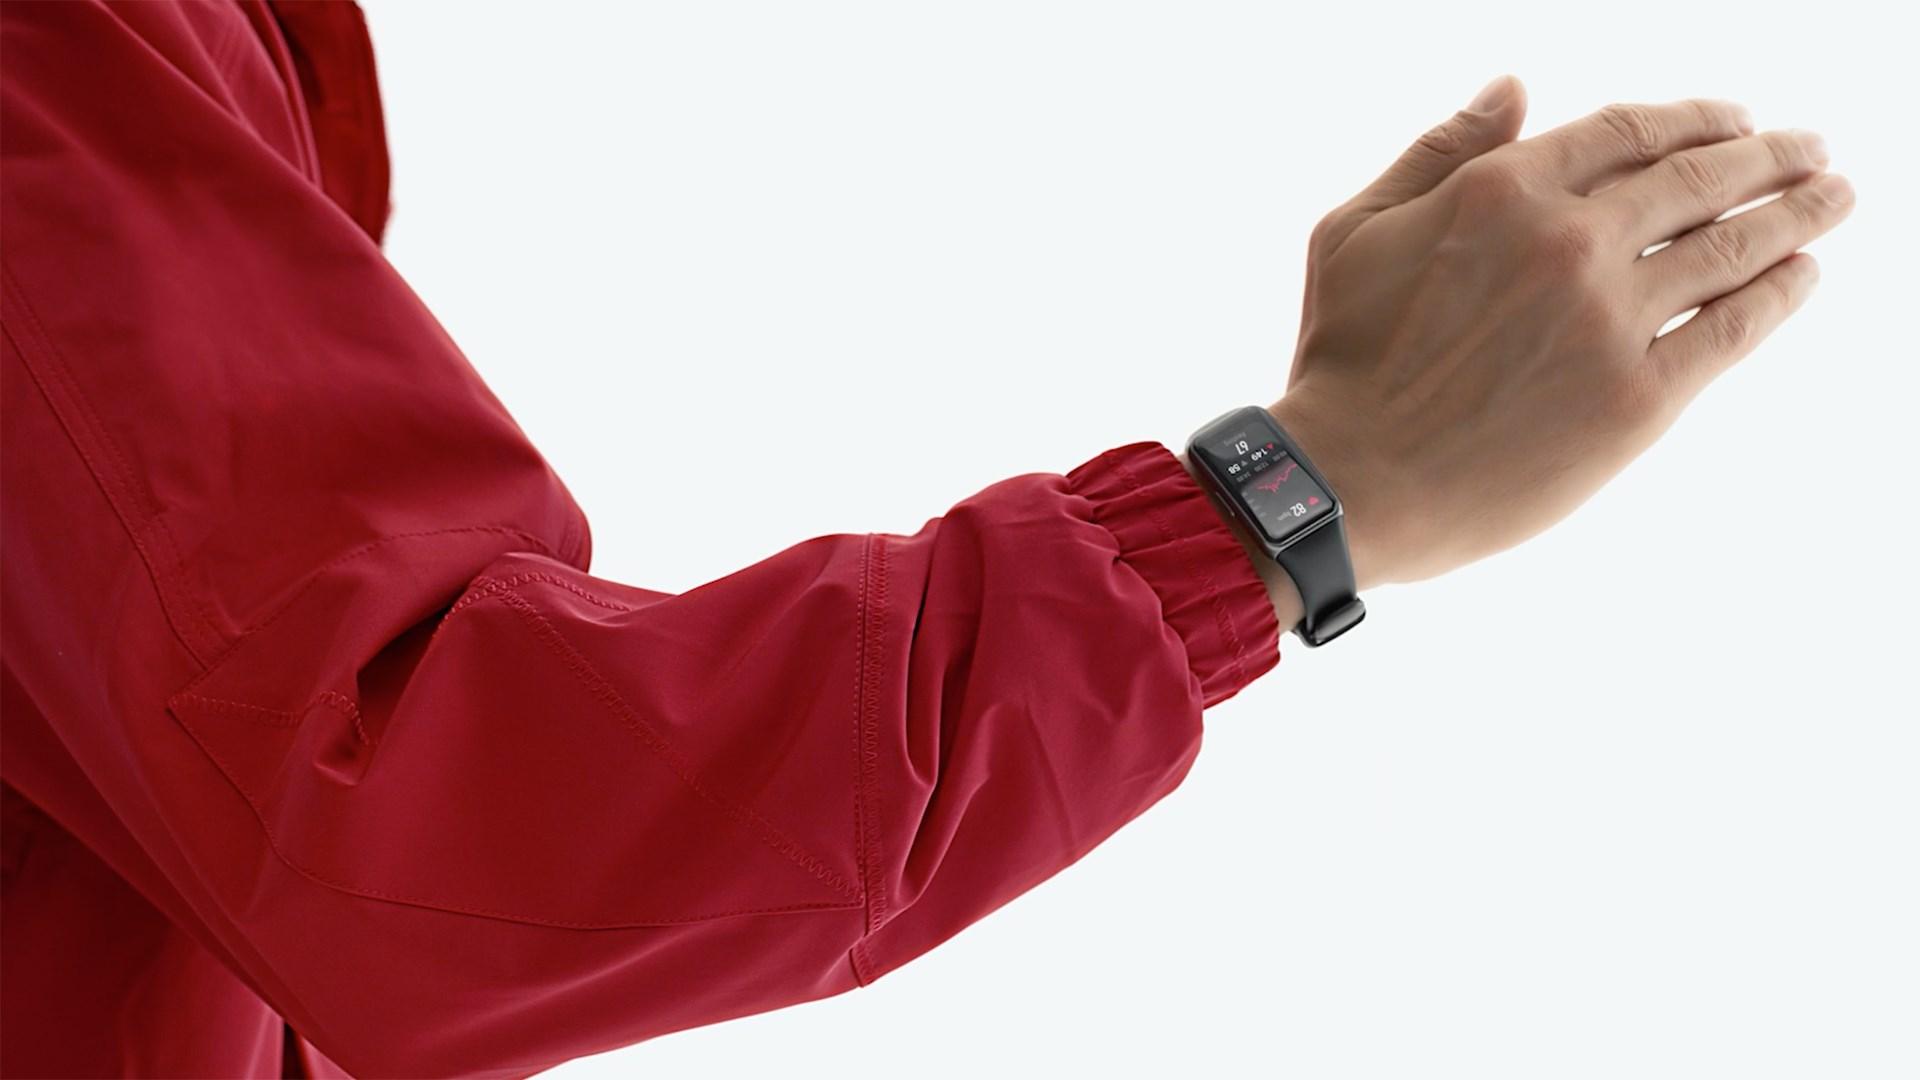 Thiết bị đeo càng thông minh hơn khi theo dõi chu kỳ kinh nghiệm và độ bão hòa oxy trong máu - Ảnh 3.